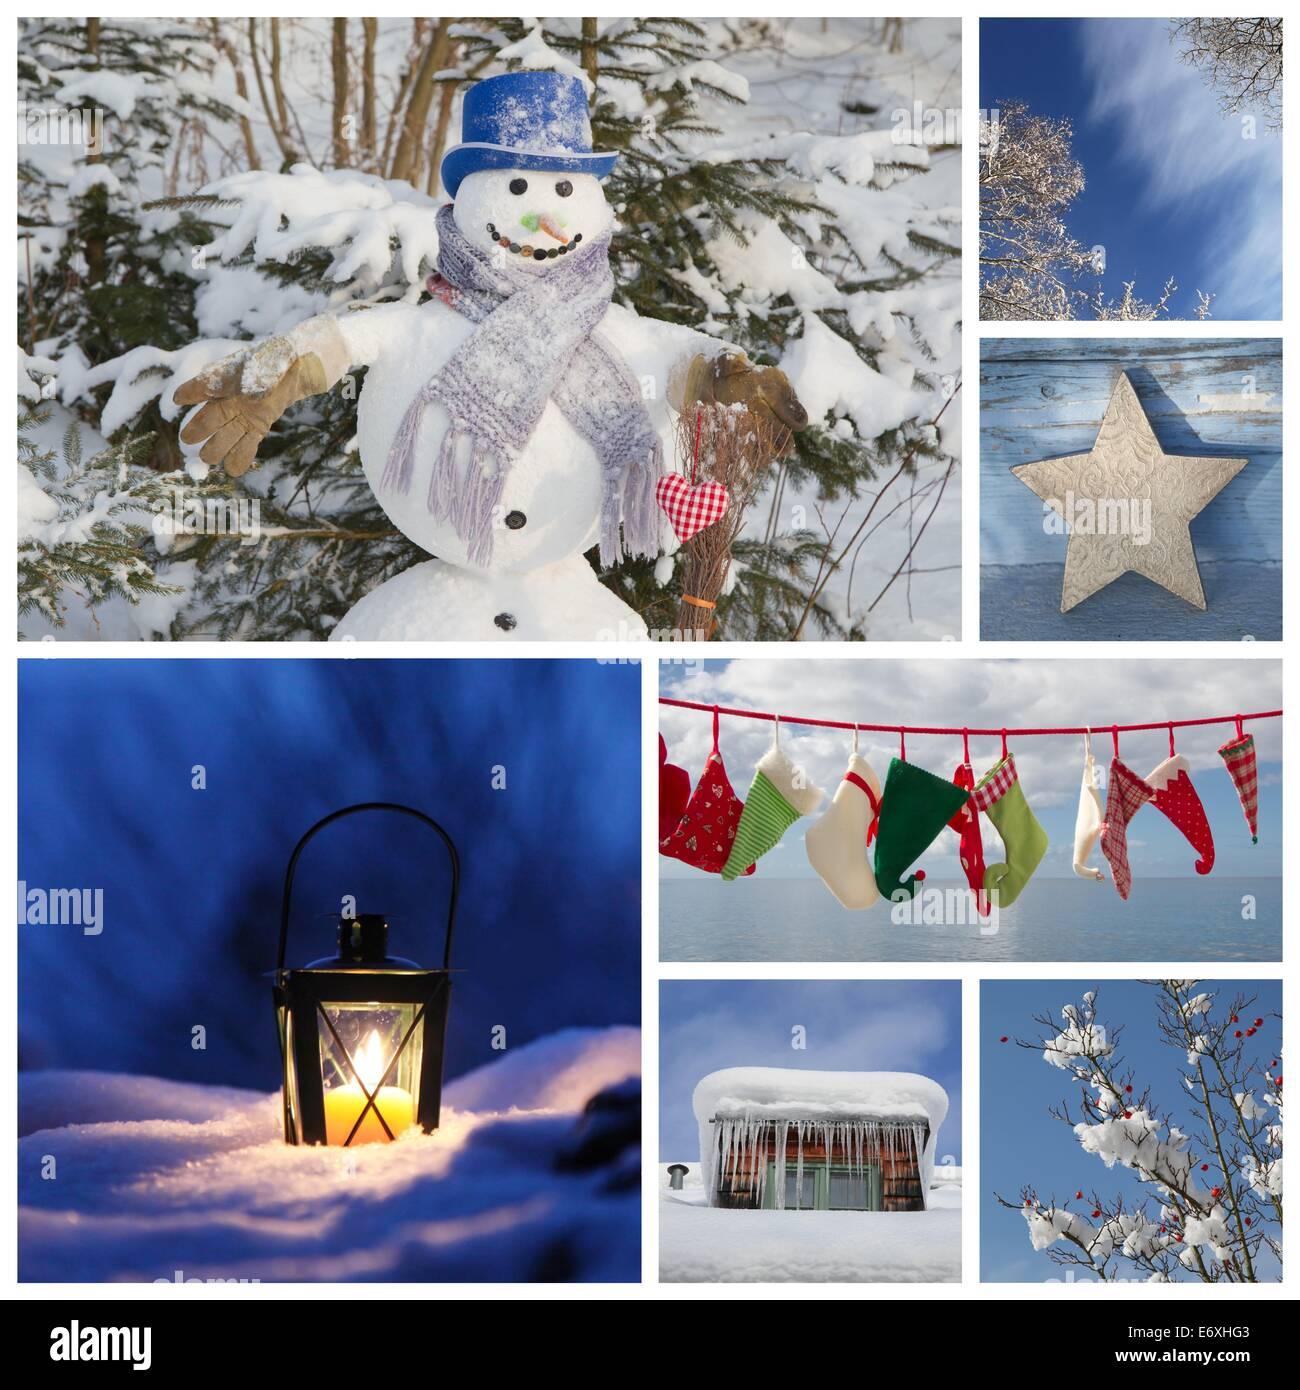 Verführerisch Collage Ideen Ideen Von Weihnachten-collage In Blau - Für Die Dekoration